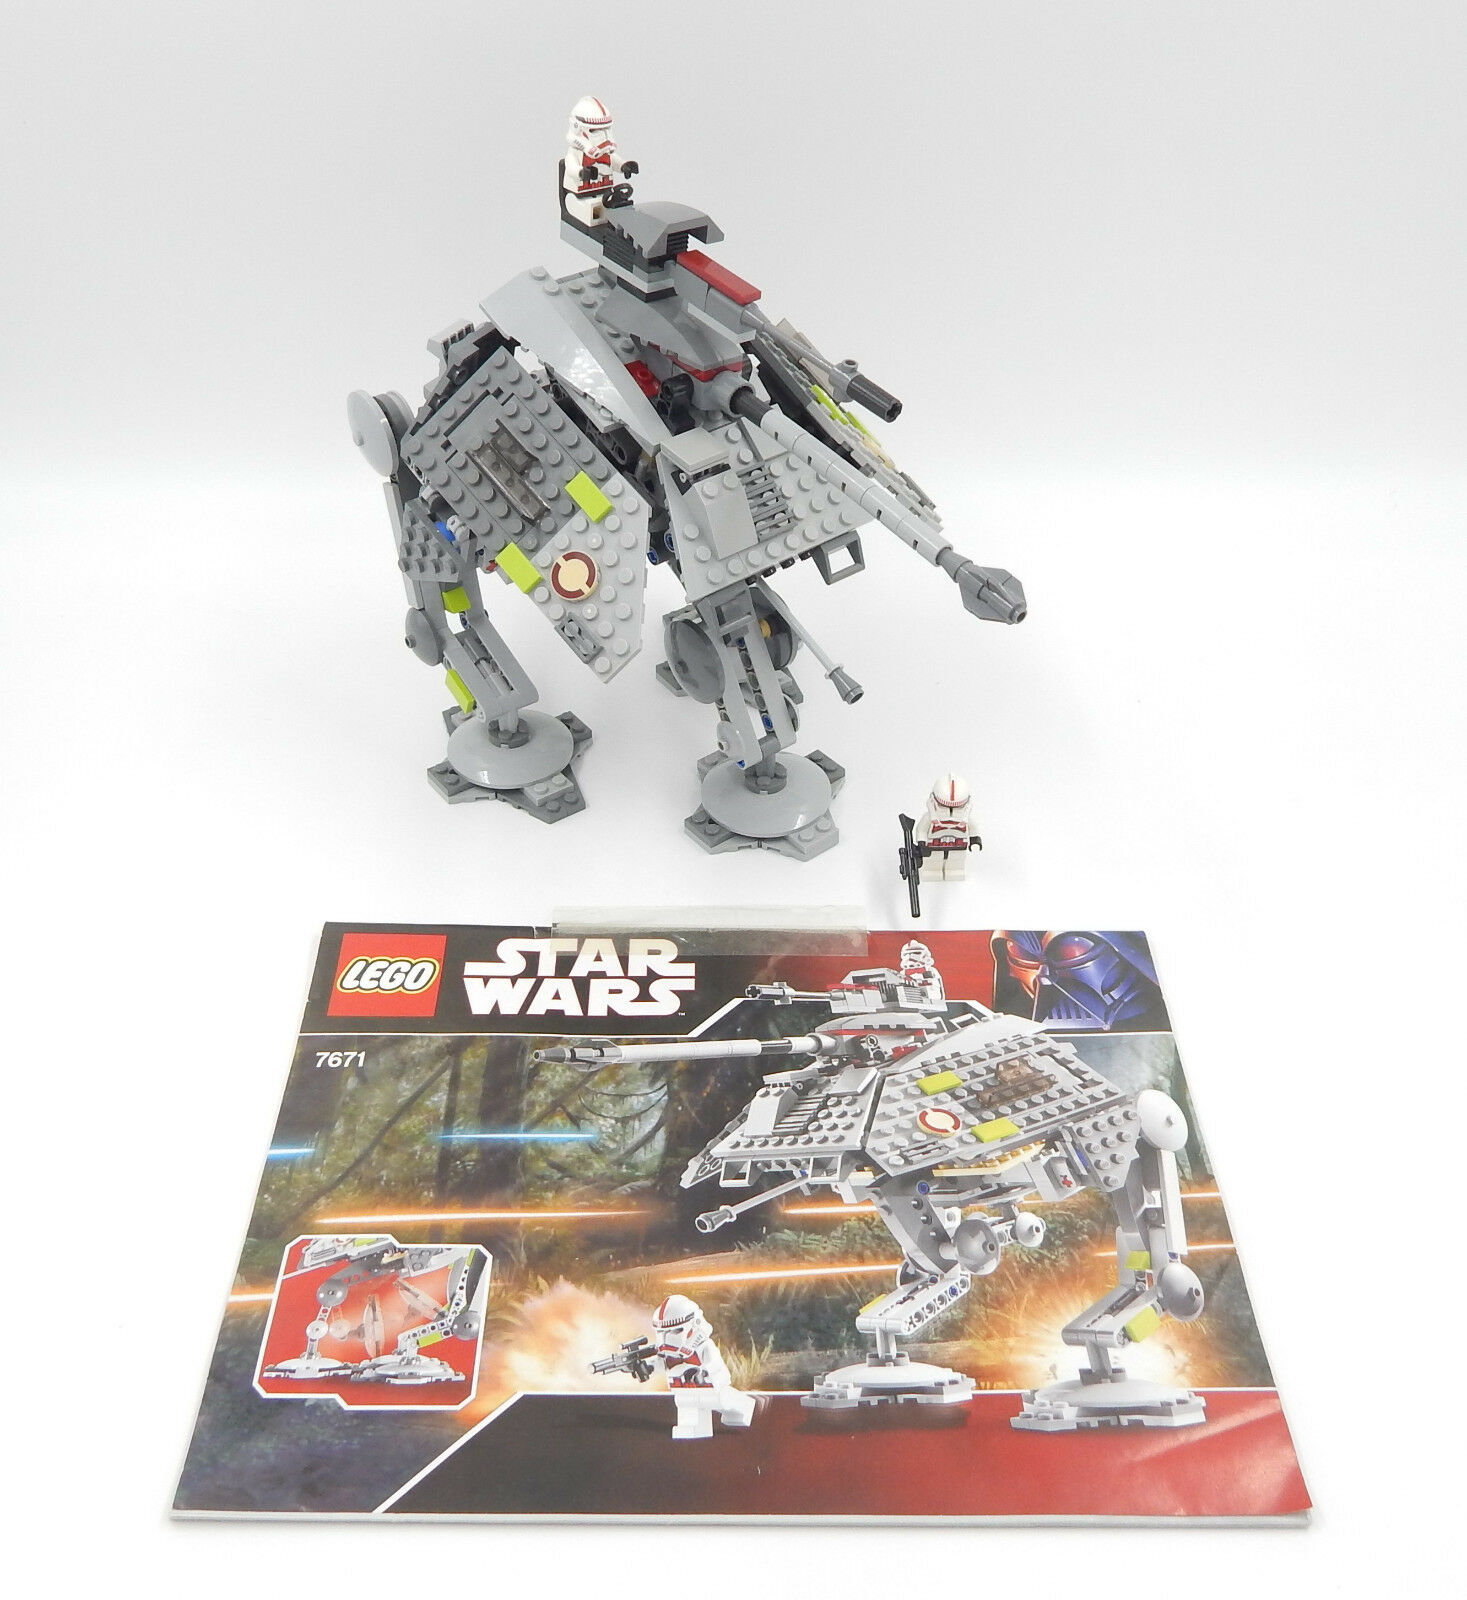 Lego Star Wars 7671 AT-AP Walker - gebraucht